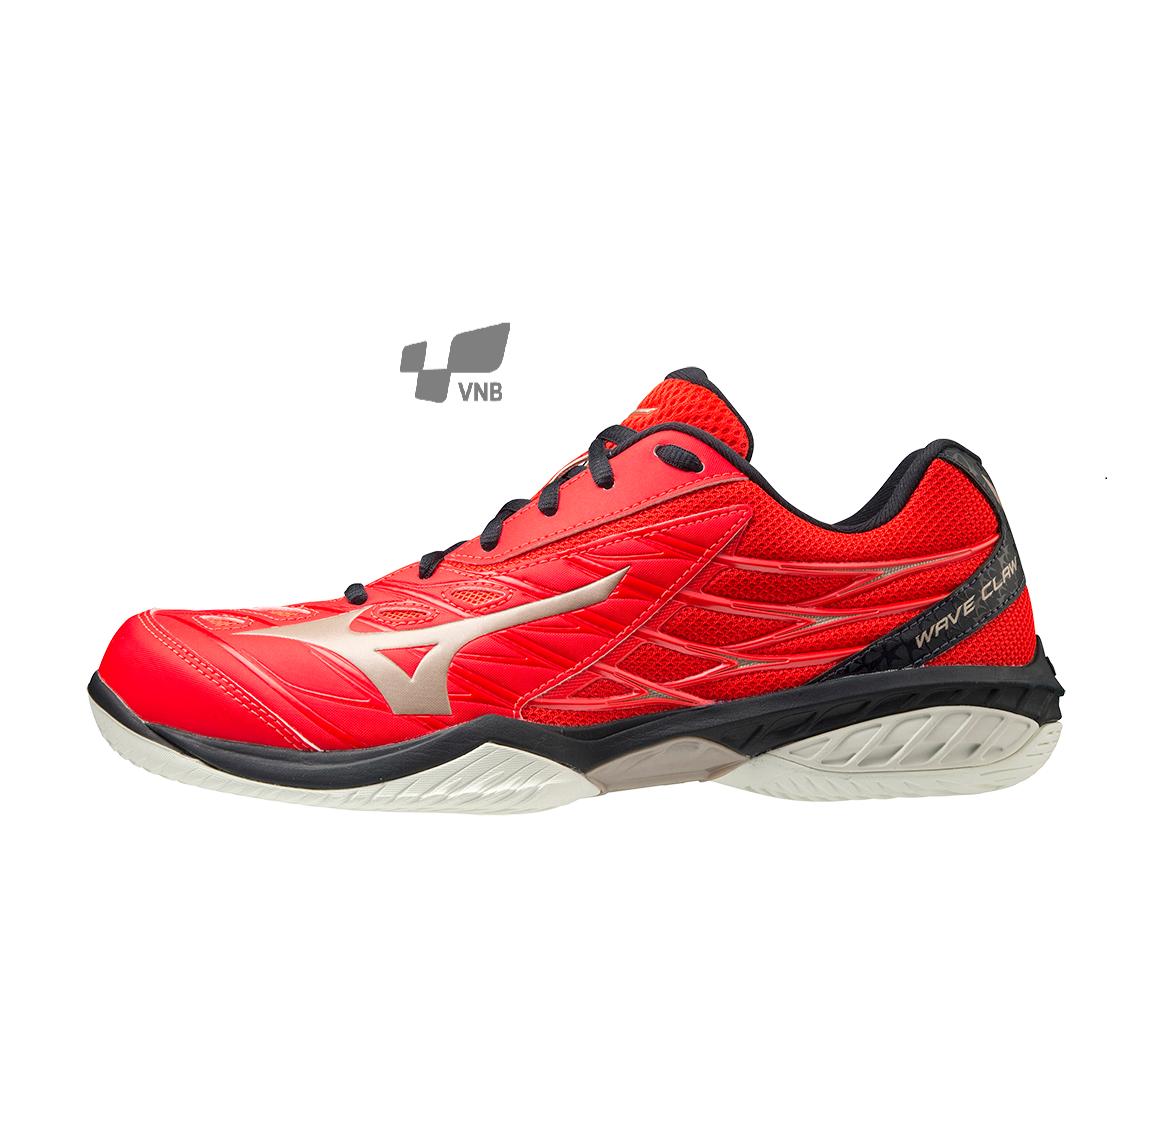 Giày cầu lông Mizuno Wave Claw - Đỏ xanh đen chính hãng